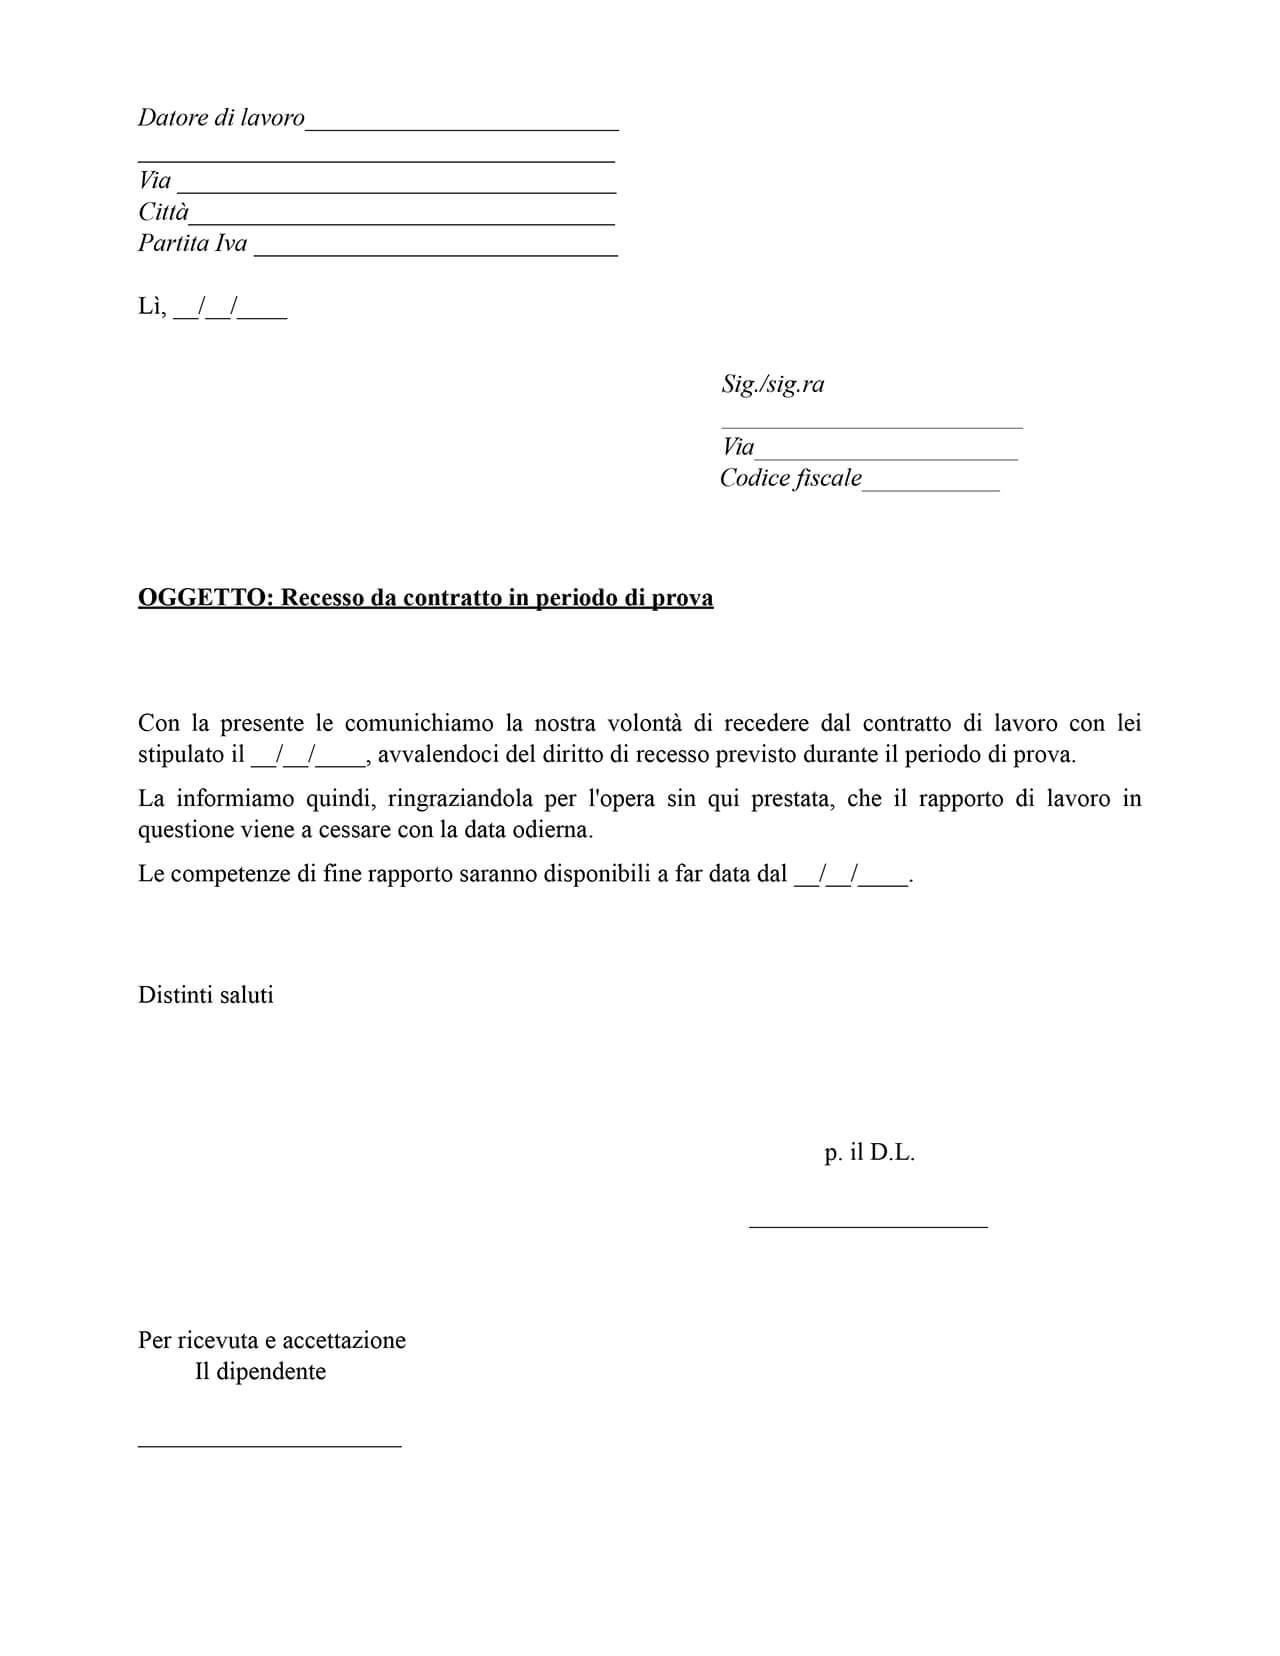 Facsimile contratto recesso da periodo di prova doc for Contratto affitto appartamento arredato fac simile